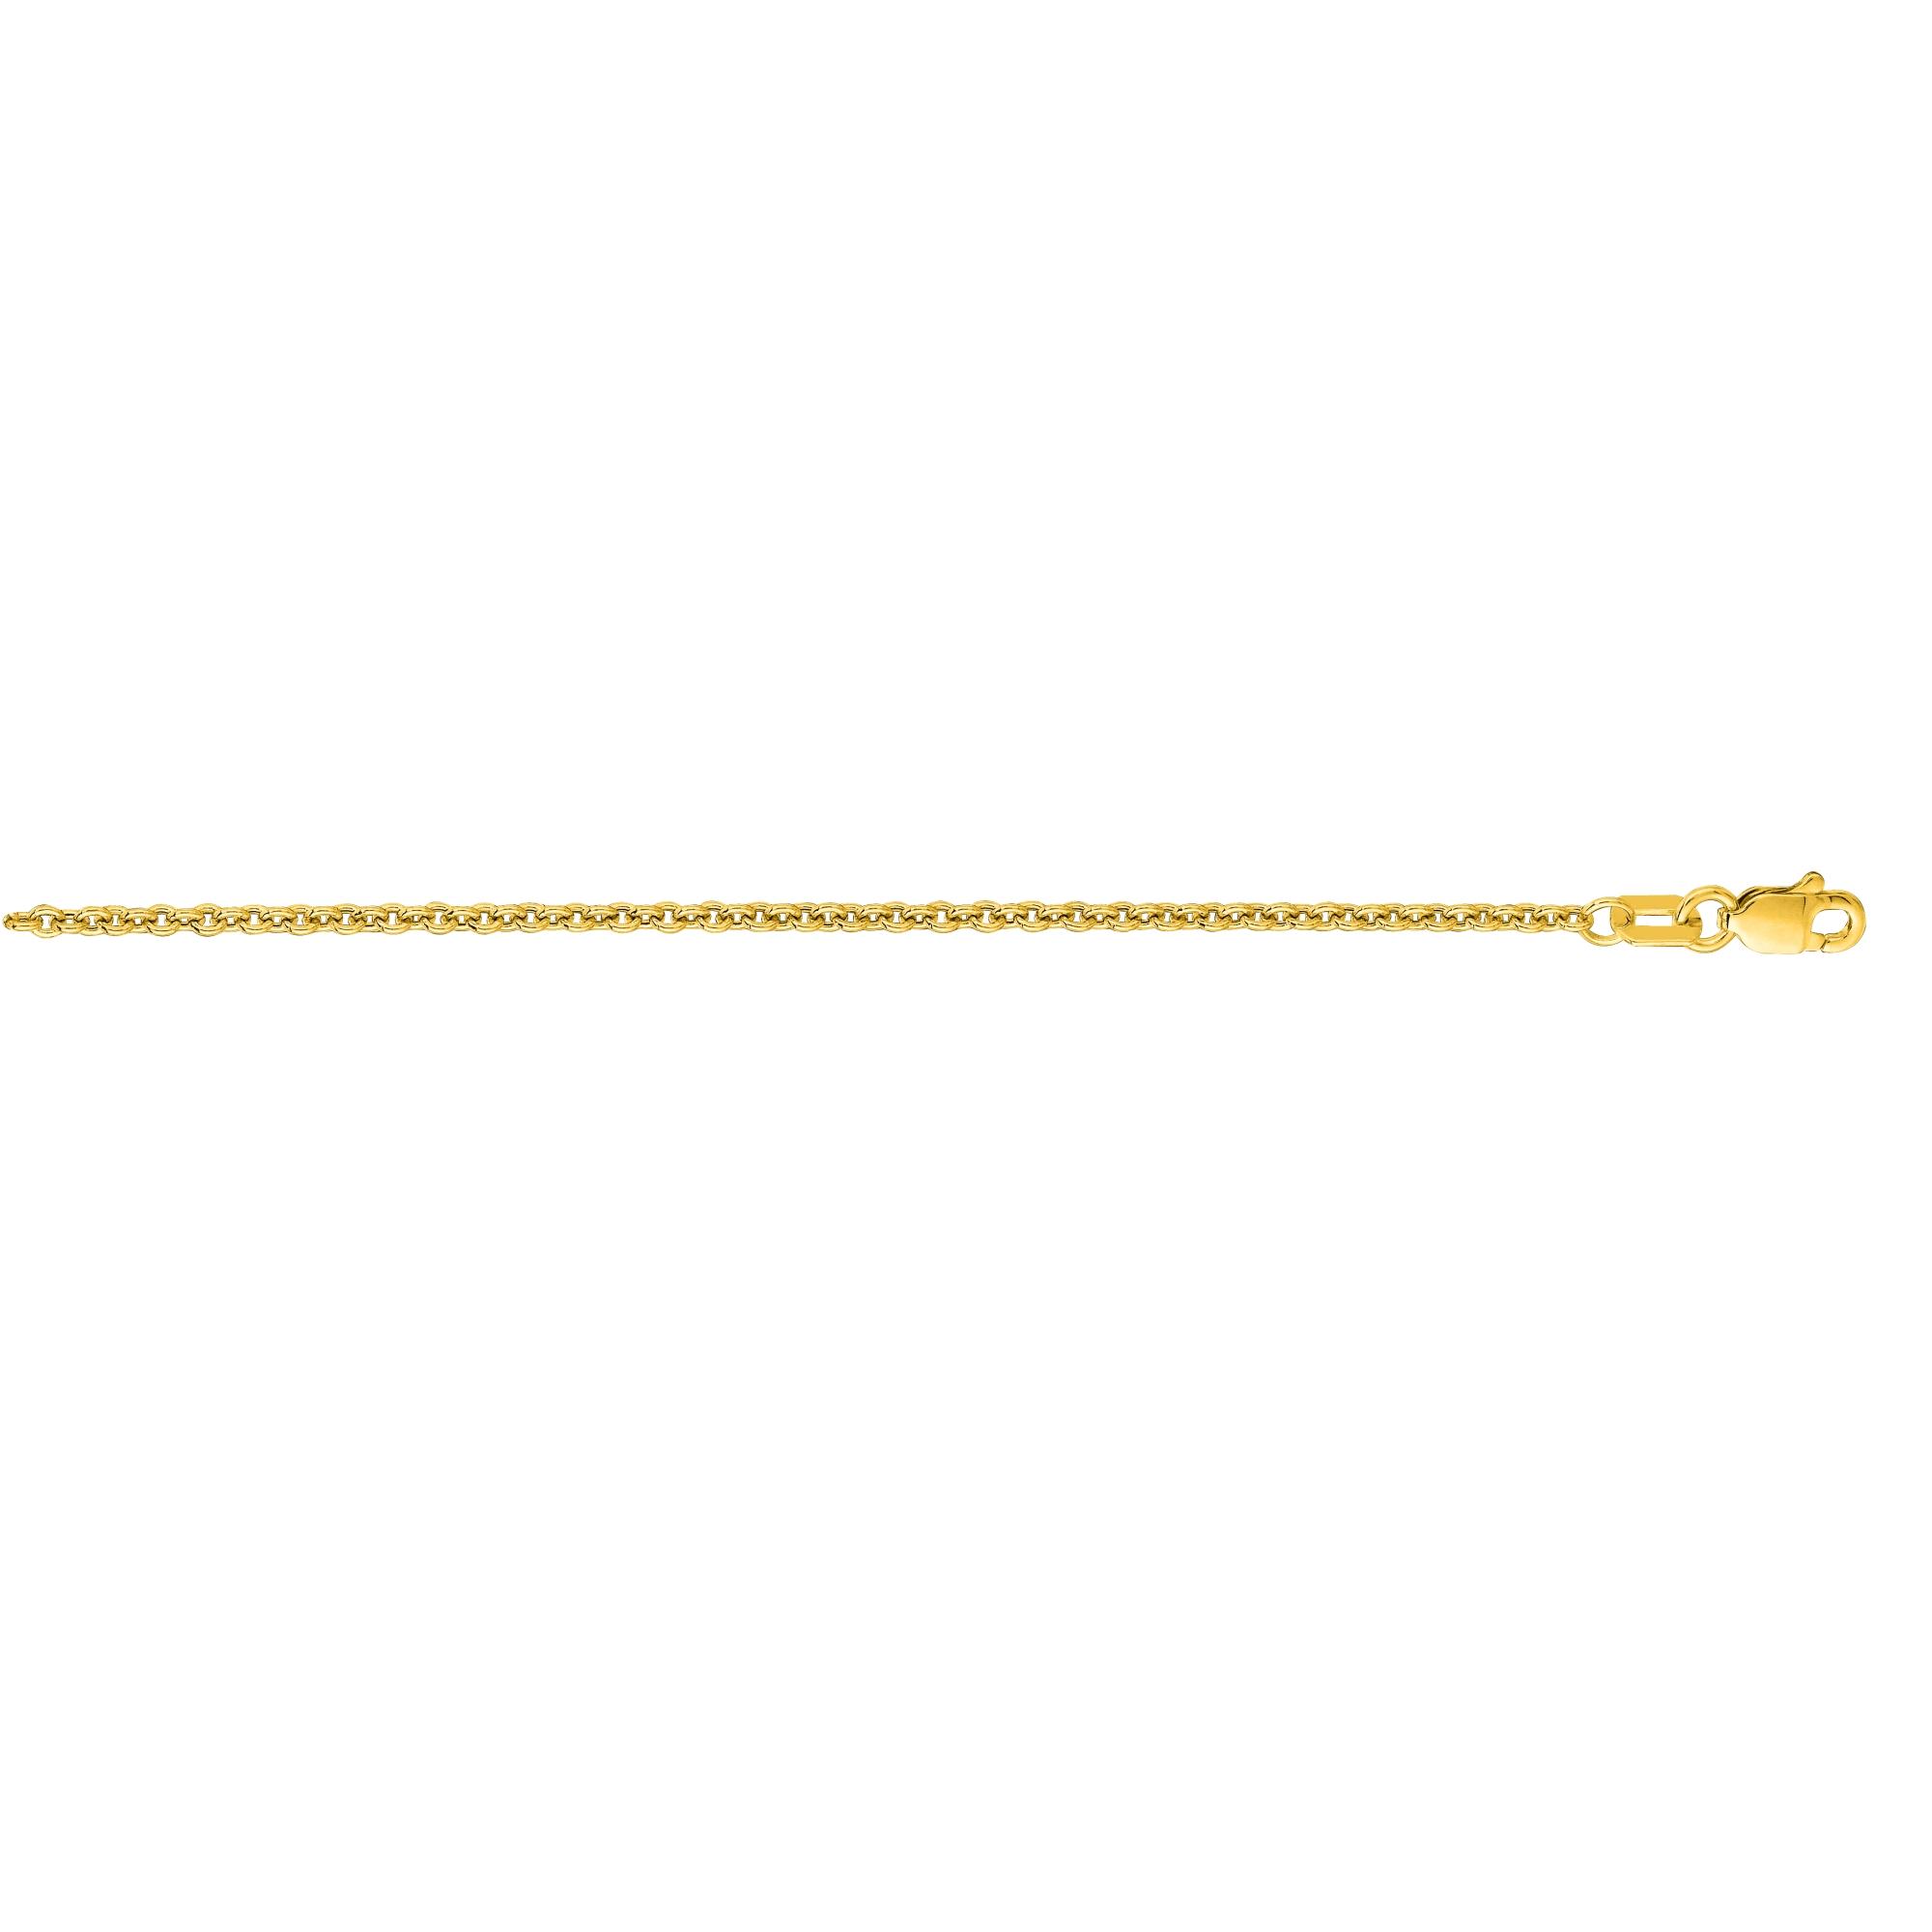 Hollow 14k Gold Forsantina Chain For Men & Women 1.9mm Wide